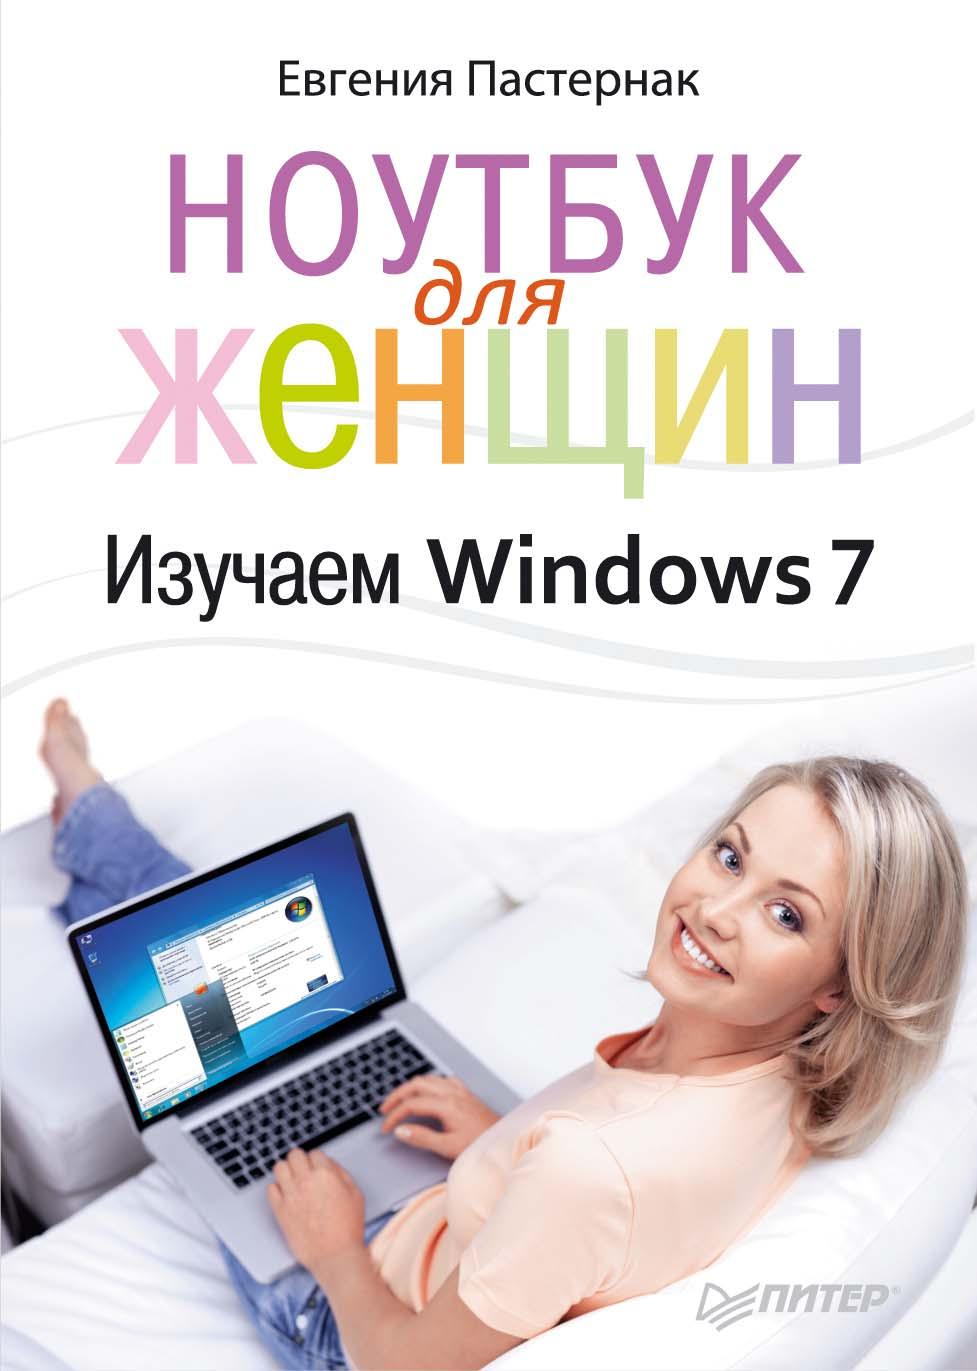 Евгения Пастернак Ноутбук для женщин. Изучаем Windows 7 евгения пастернак ноутбук для женщин изучаем windows 7